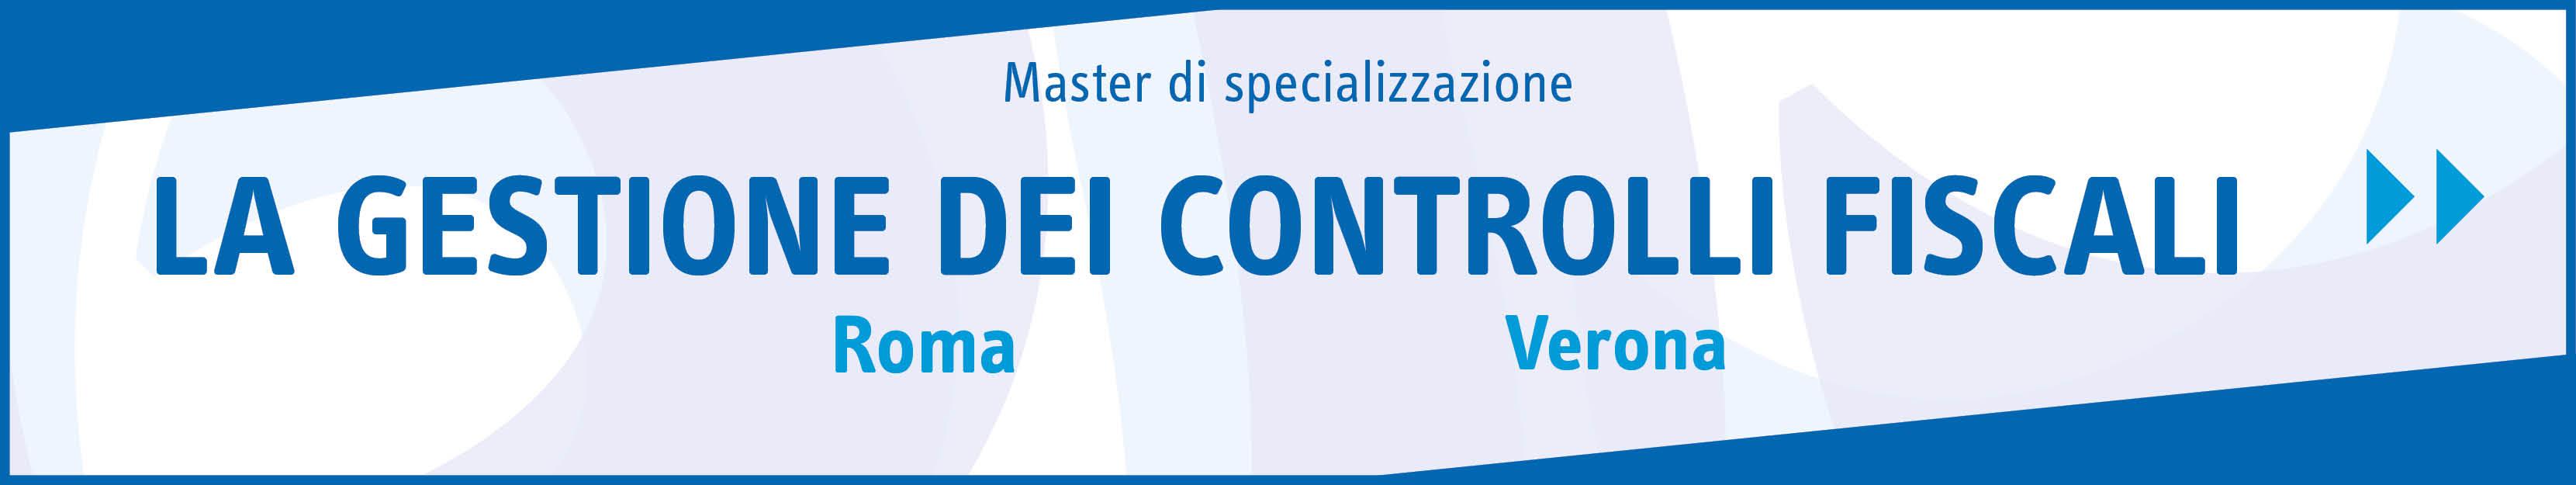 La gestione dei controlli fiscali